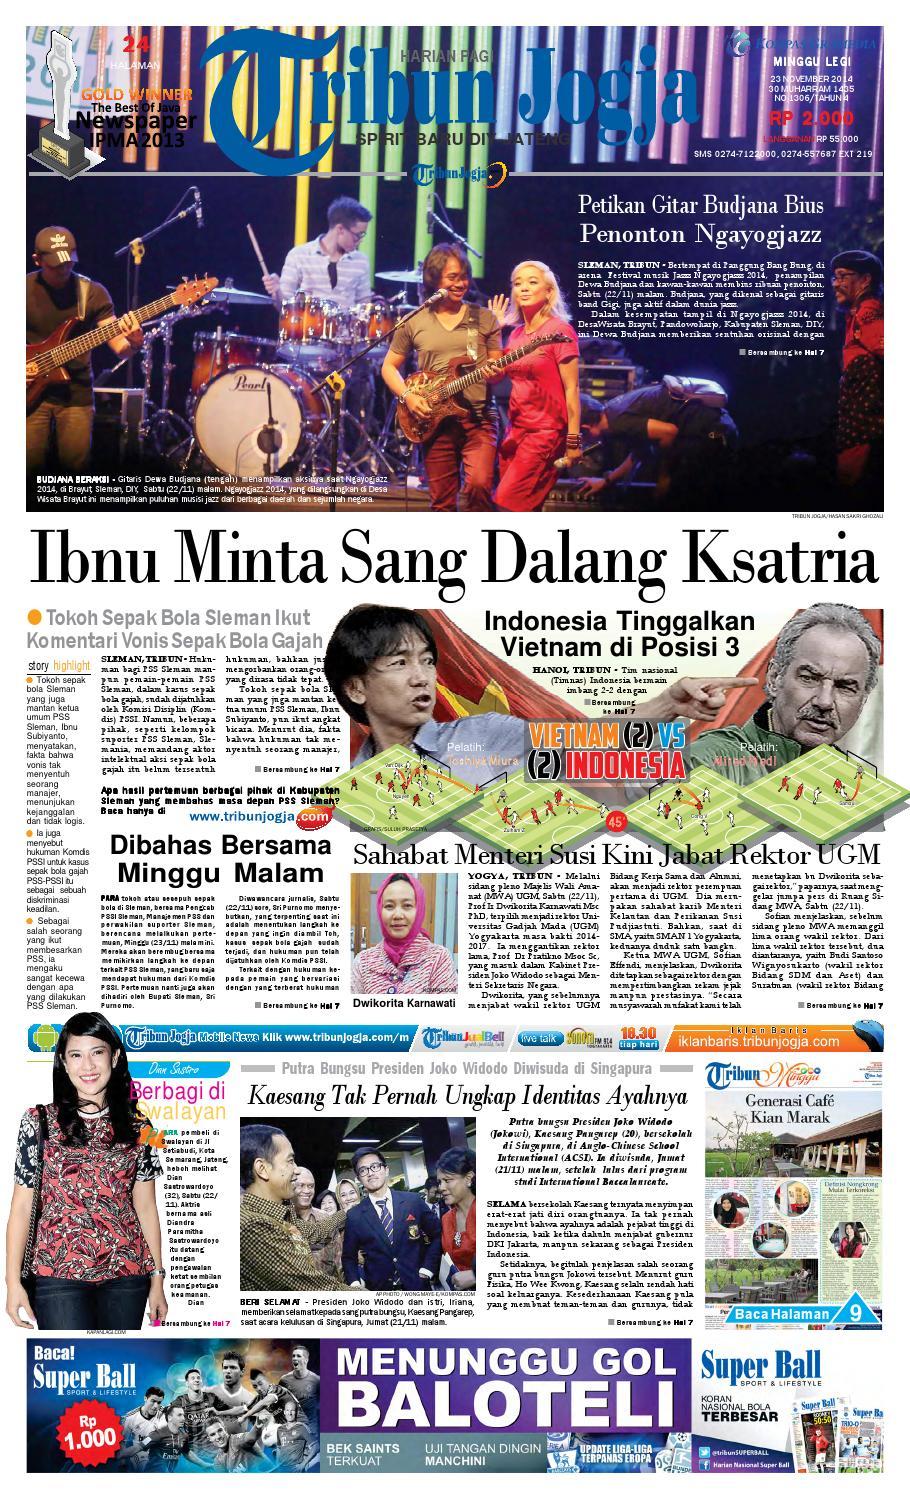 Tribunjogja 23 11 2014 By Tribun Jogja Issuu Produk Ukm Bumn Pusaka Coffee 15 Pcs Kopi Herbal Nusantara Free Ongkir Depok Ampamp Jakarta